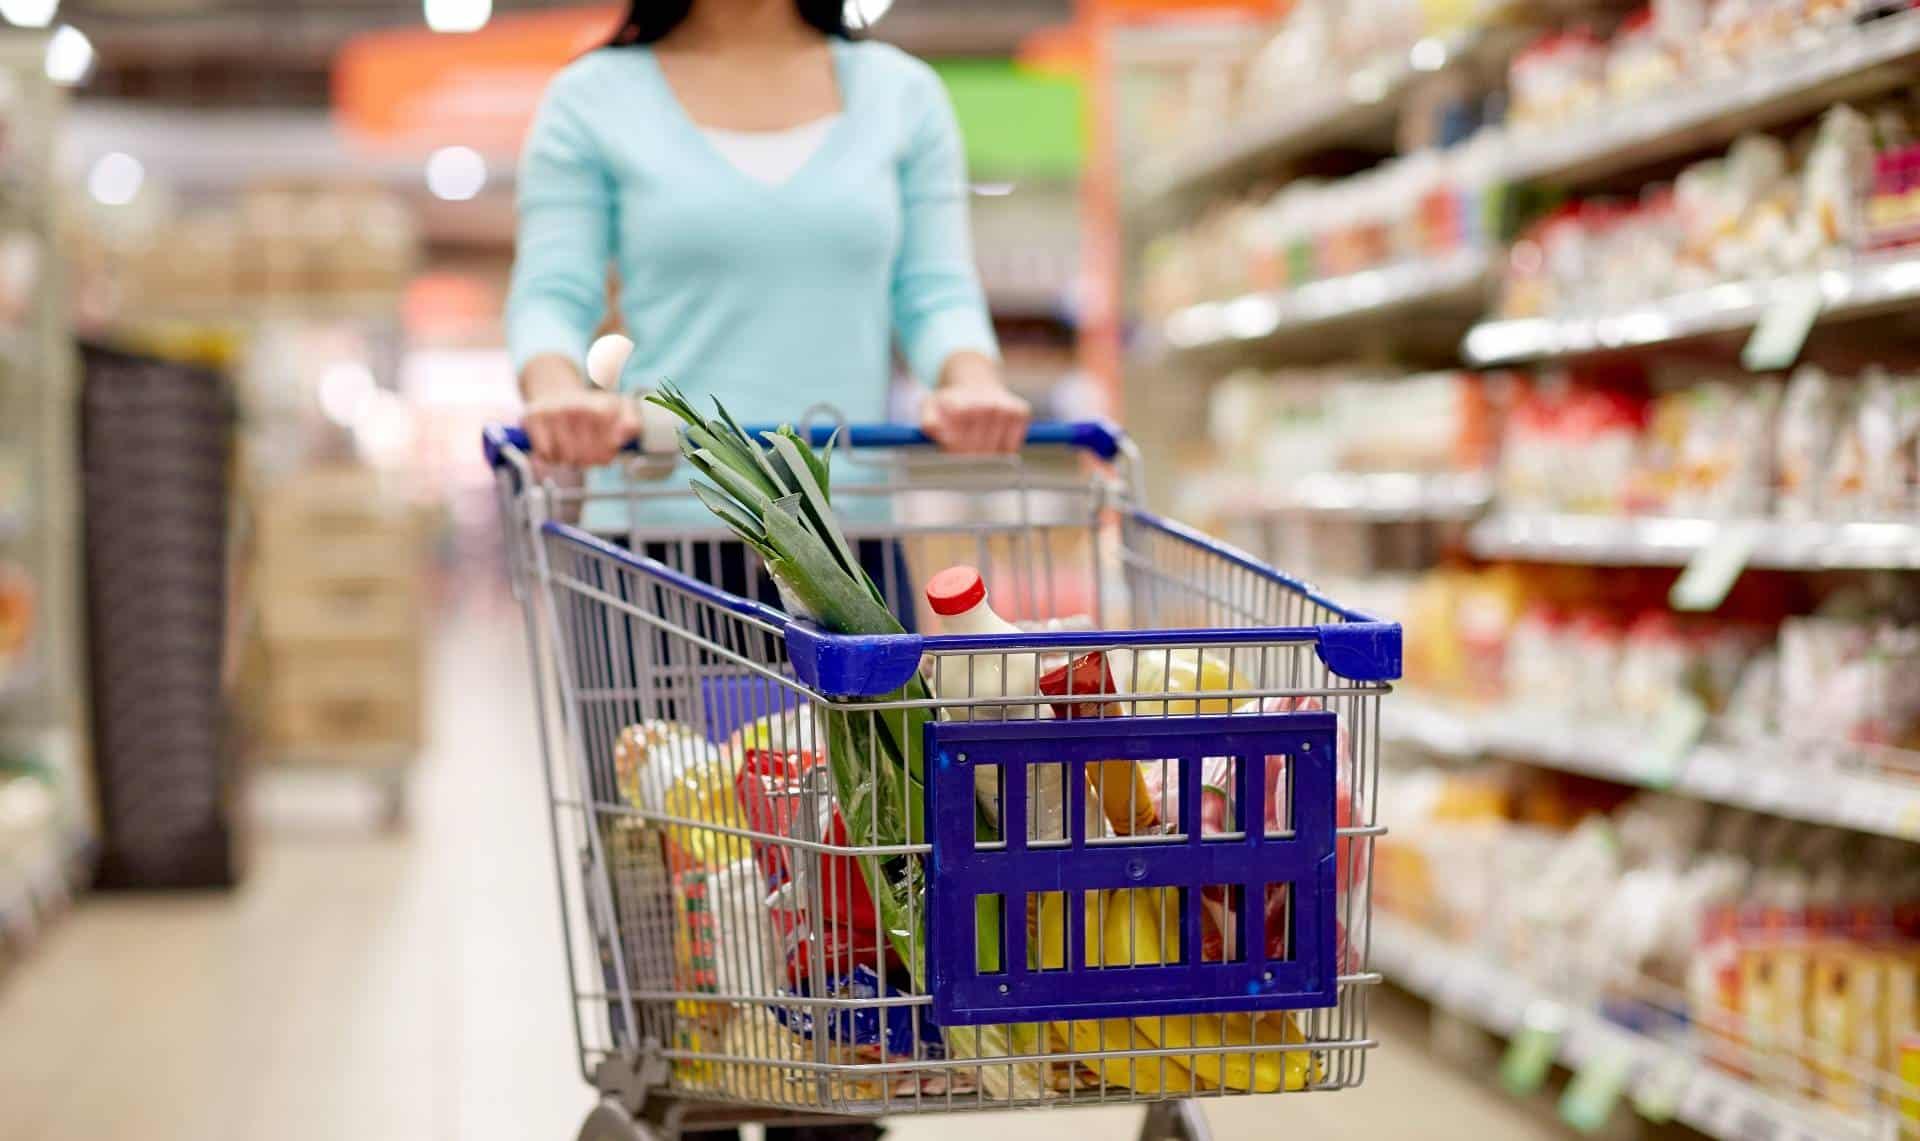 La distribución de comestibles en España, nuestra estrategia - Estrategia de distribución